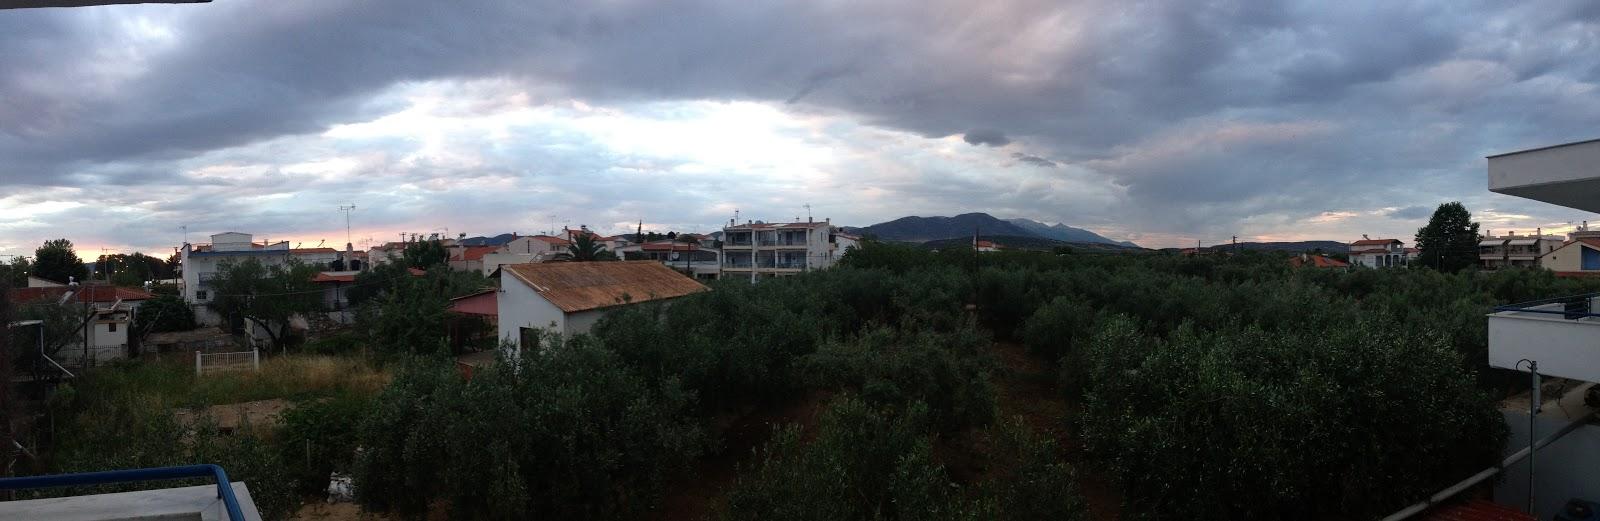 Day 20 - 2013-06-13 - Thessaloniki to Paralia Ofriniou - IMG_1220.JPG